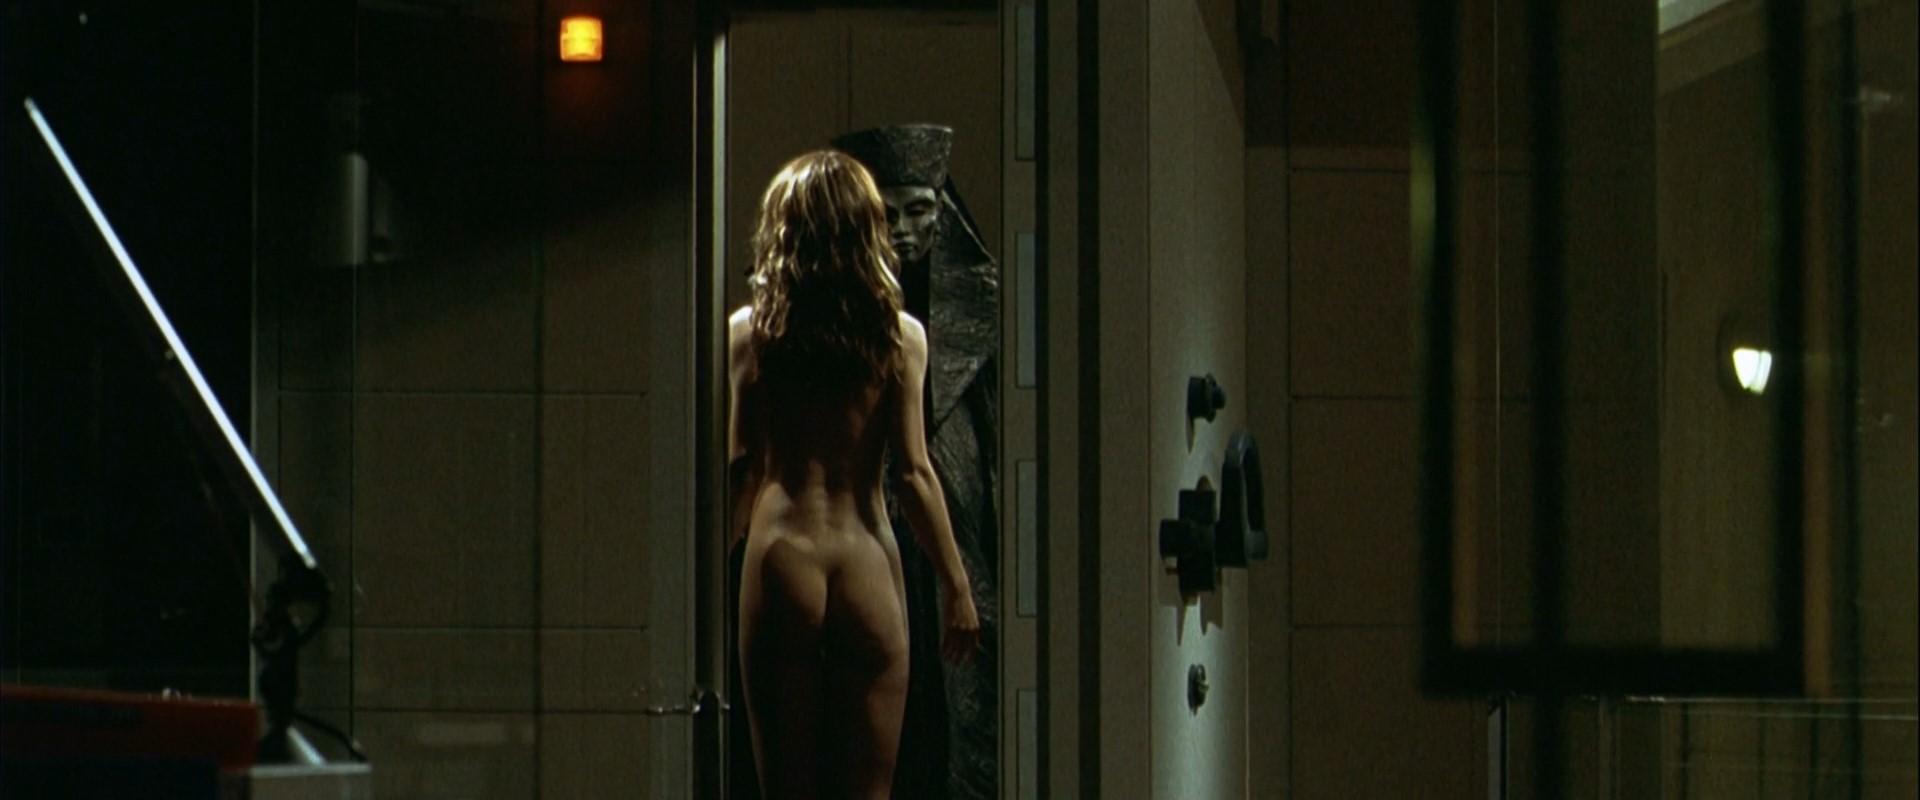 eroticheskiy-prizrak-film-2001